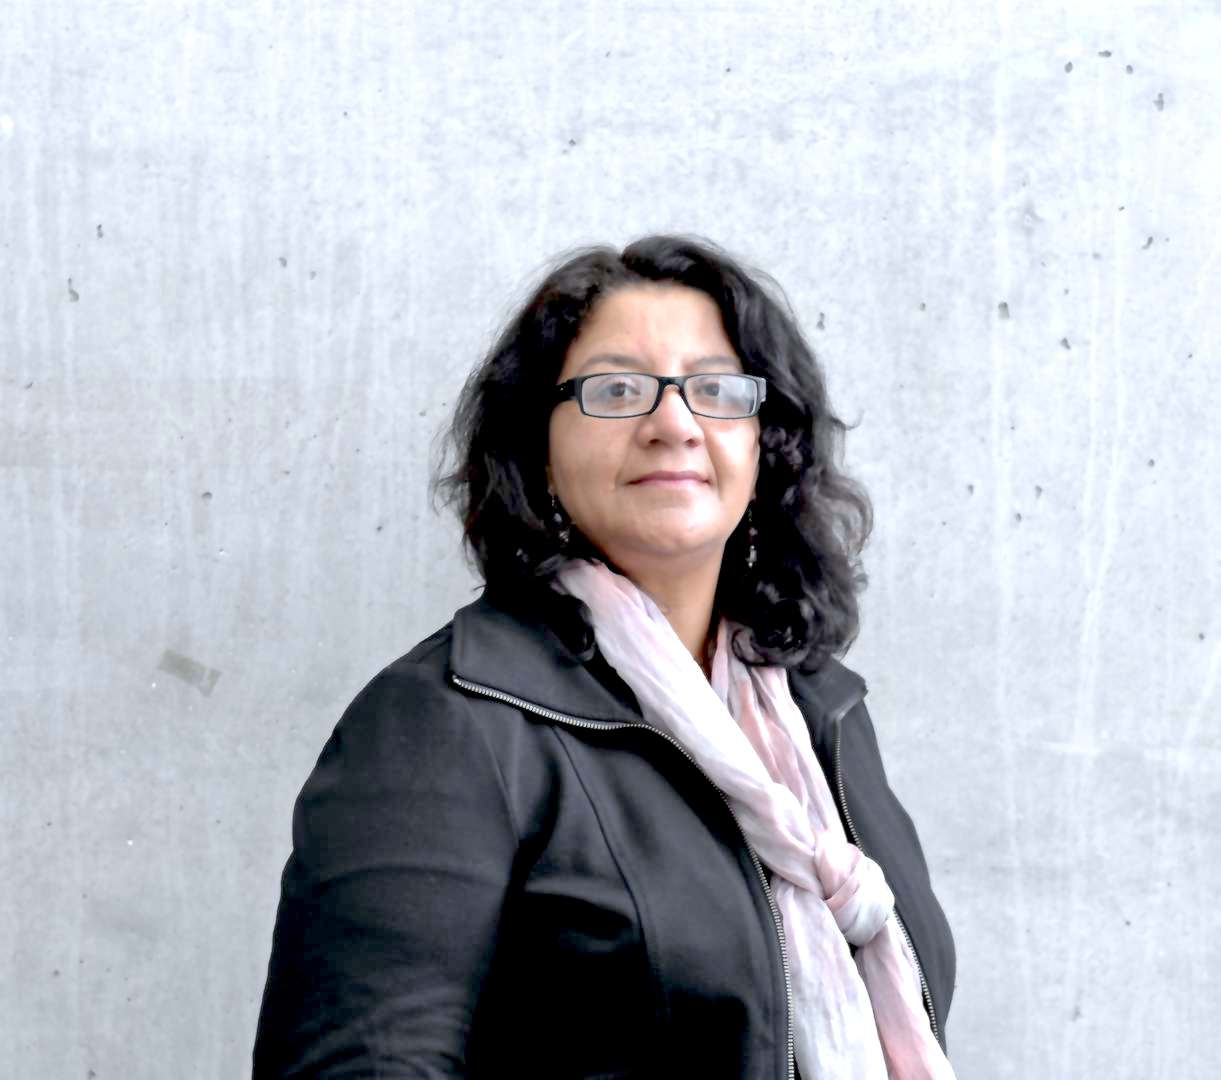 Cheryl Giraudy